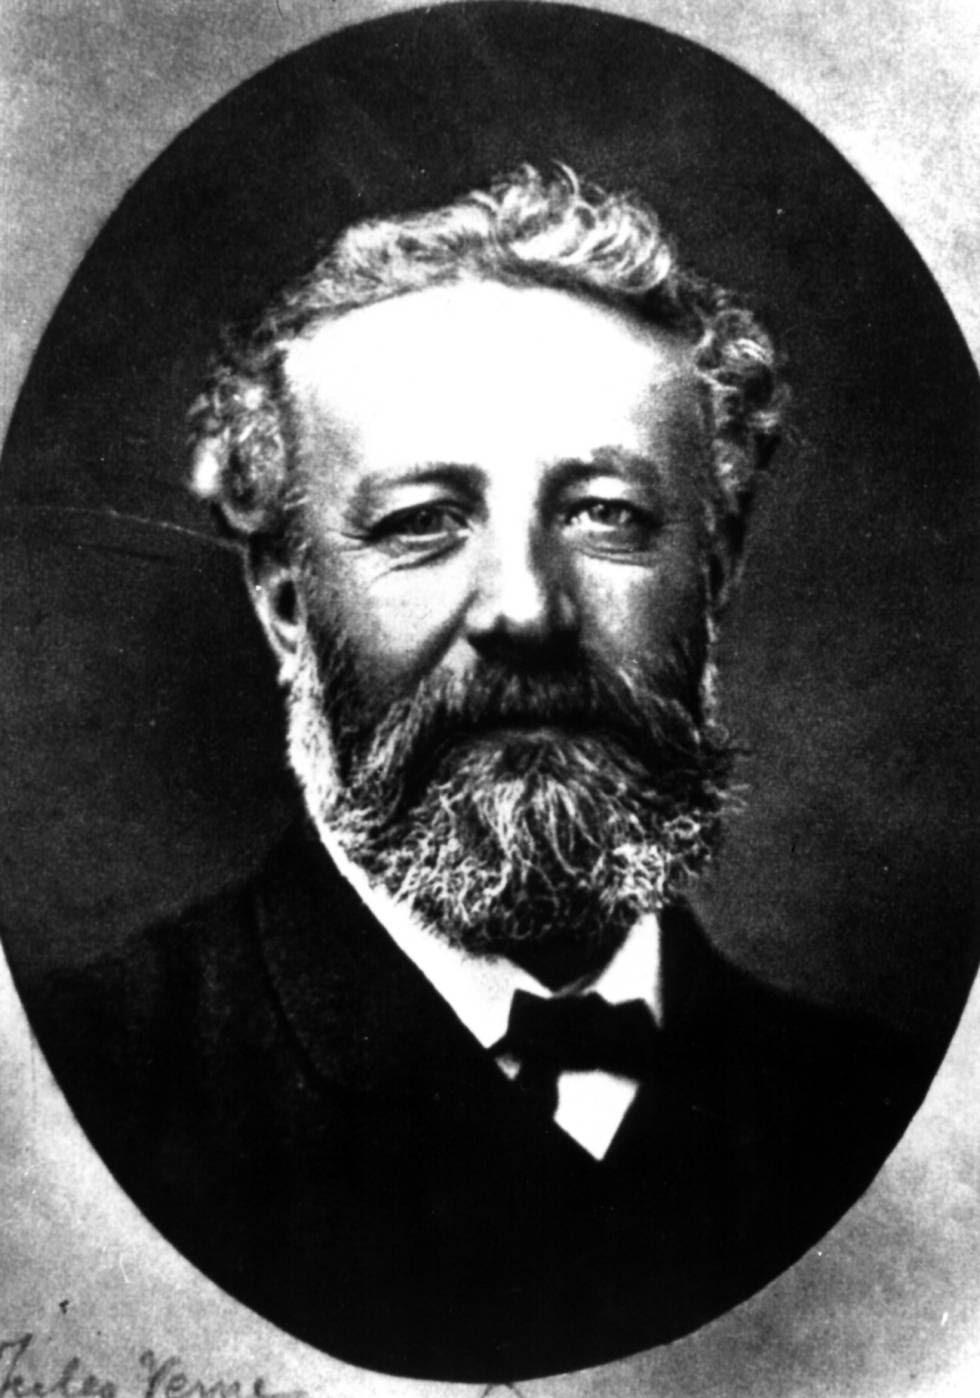 Retrato de escritor francés Julio Verne conservado en la Biblioteca Nacional de Francia.